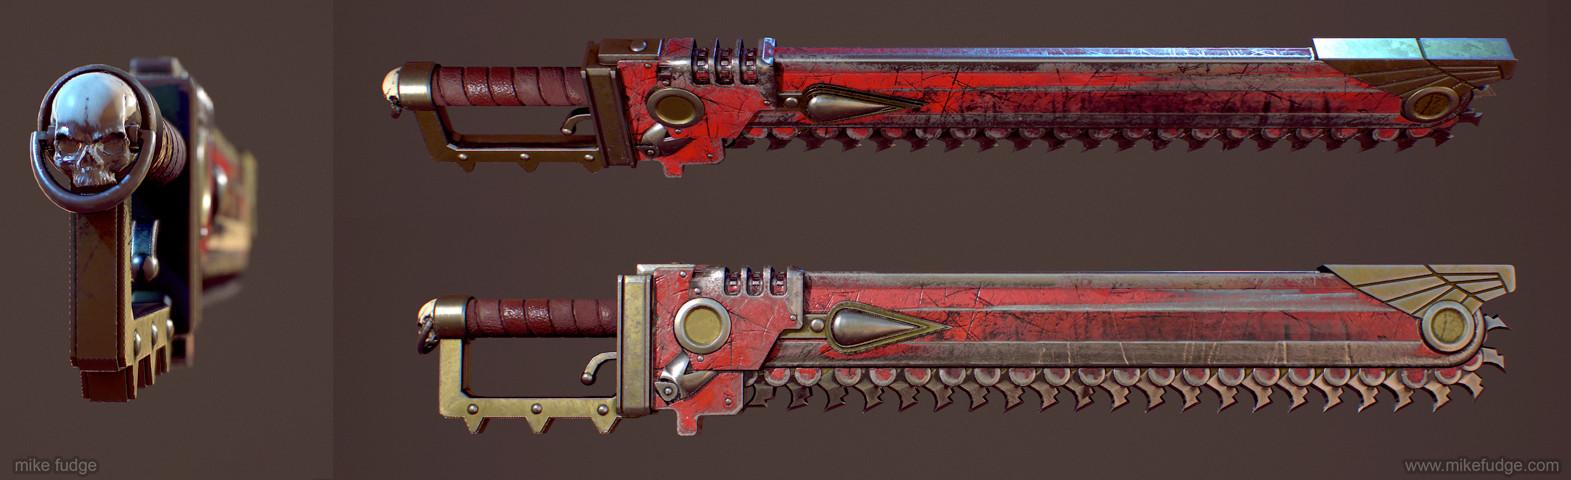 Mike fudge spacemarine sword